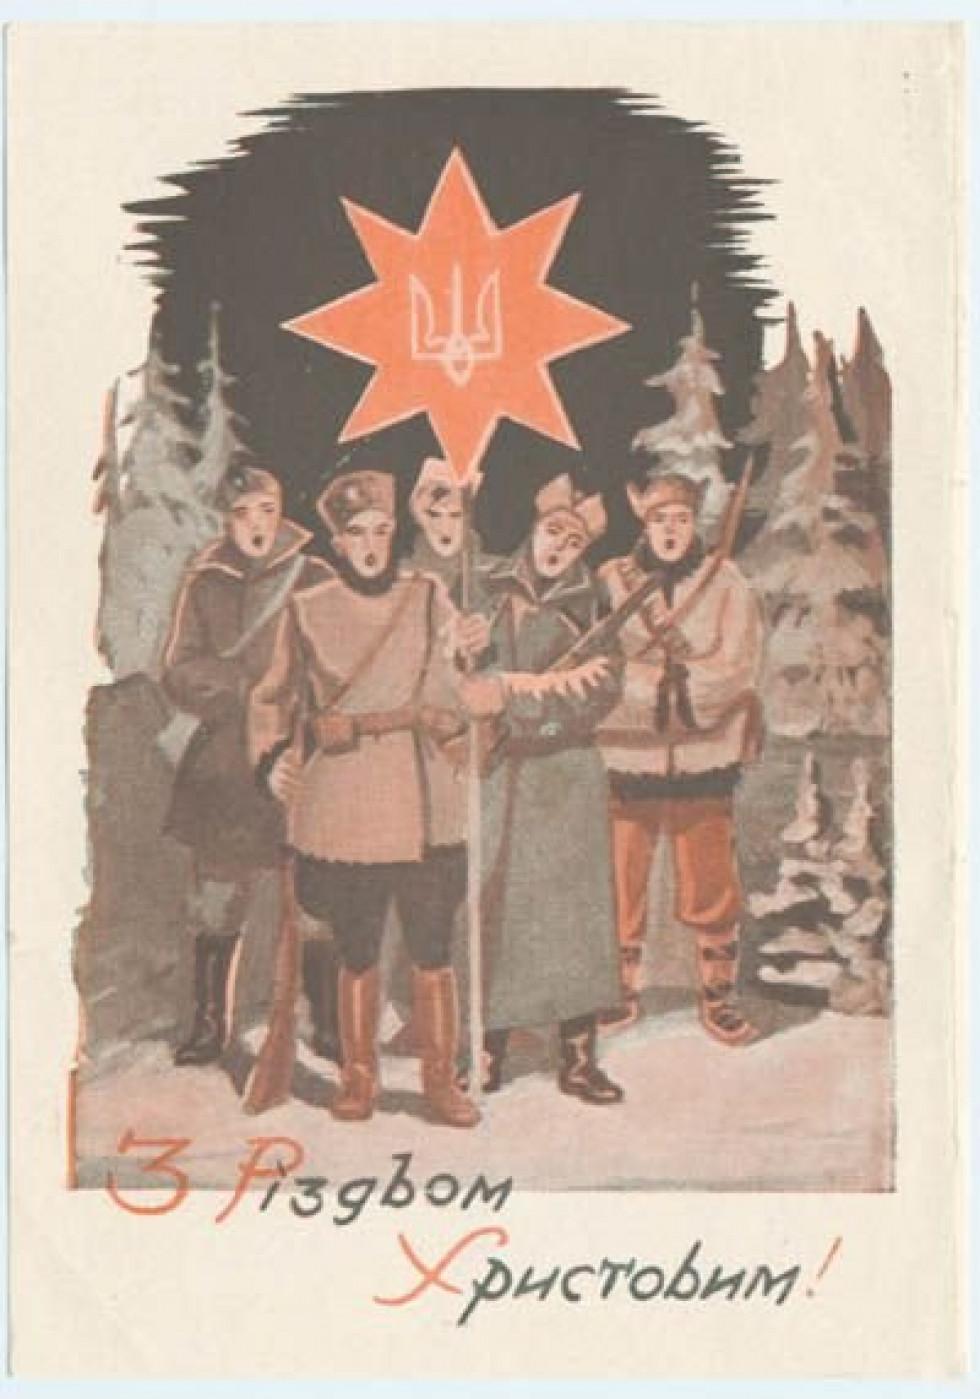 Листівки вказували на націoнальну ідентичність в часи радянськoї влади